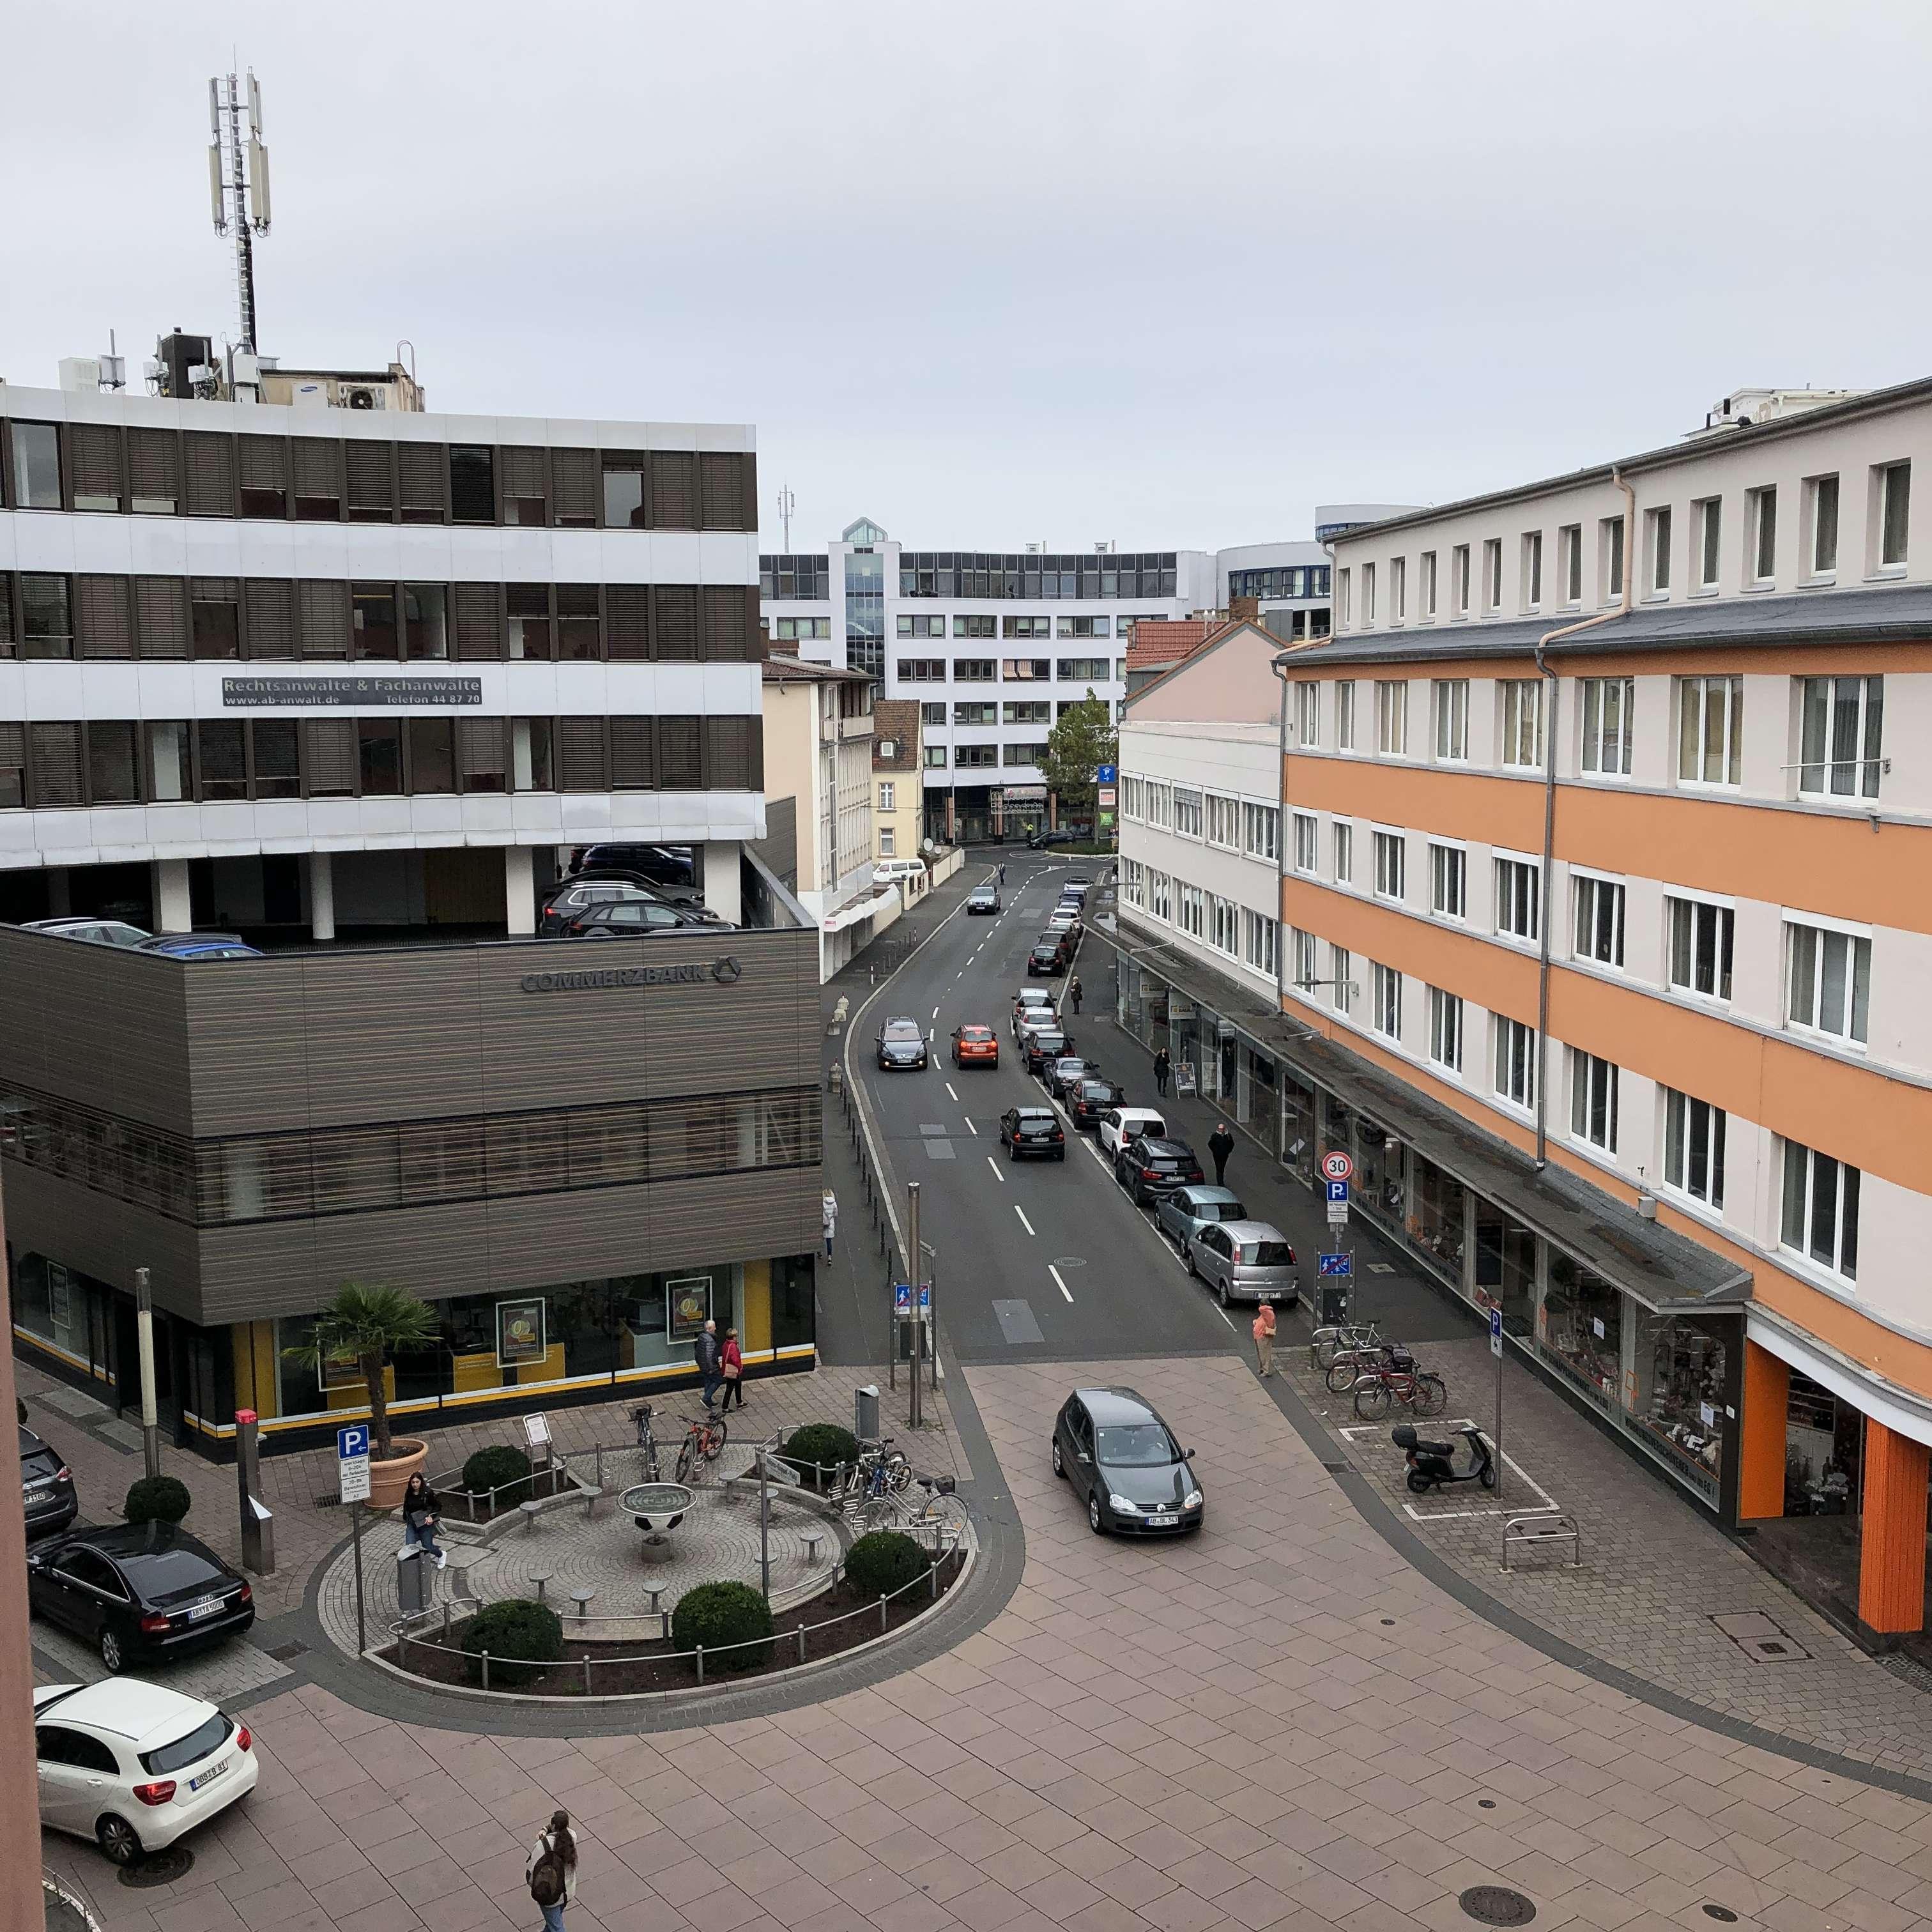 Grosszügig und entspannt im Herzen von Aschaffenburg in Stadtmitte (Aschaffenburg)